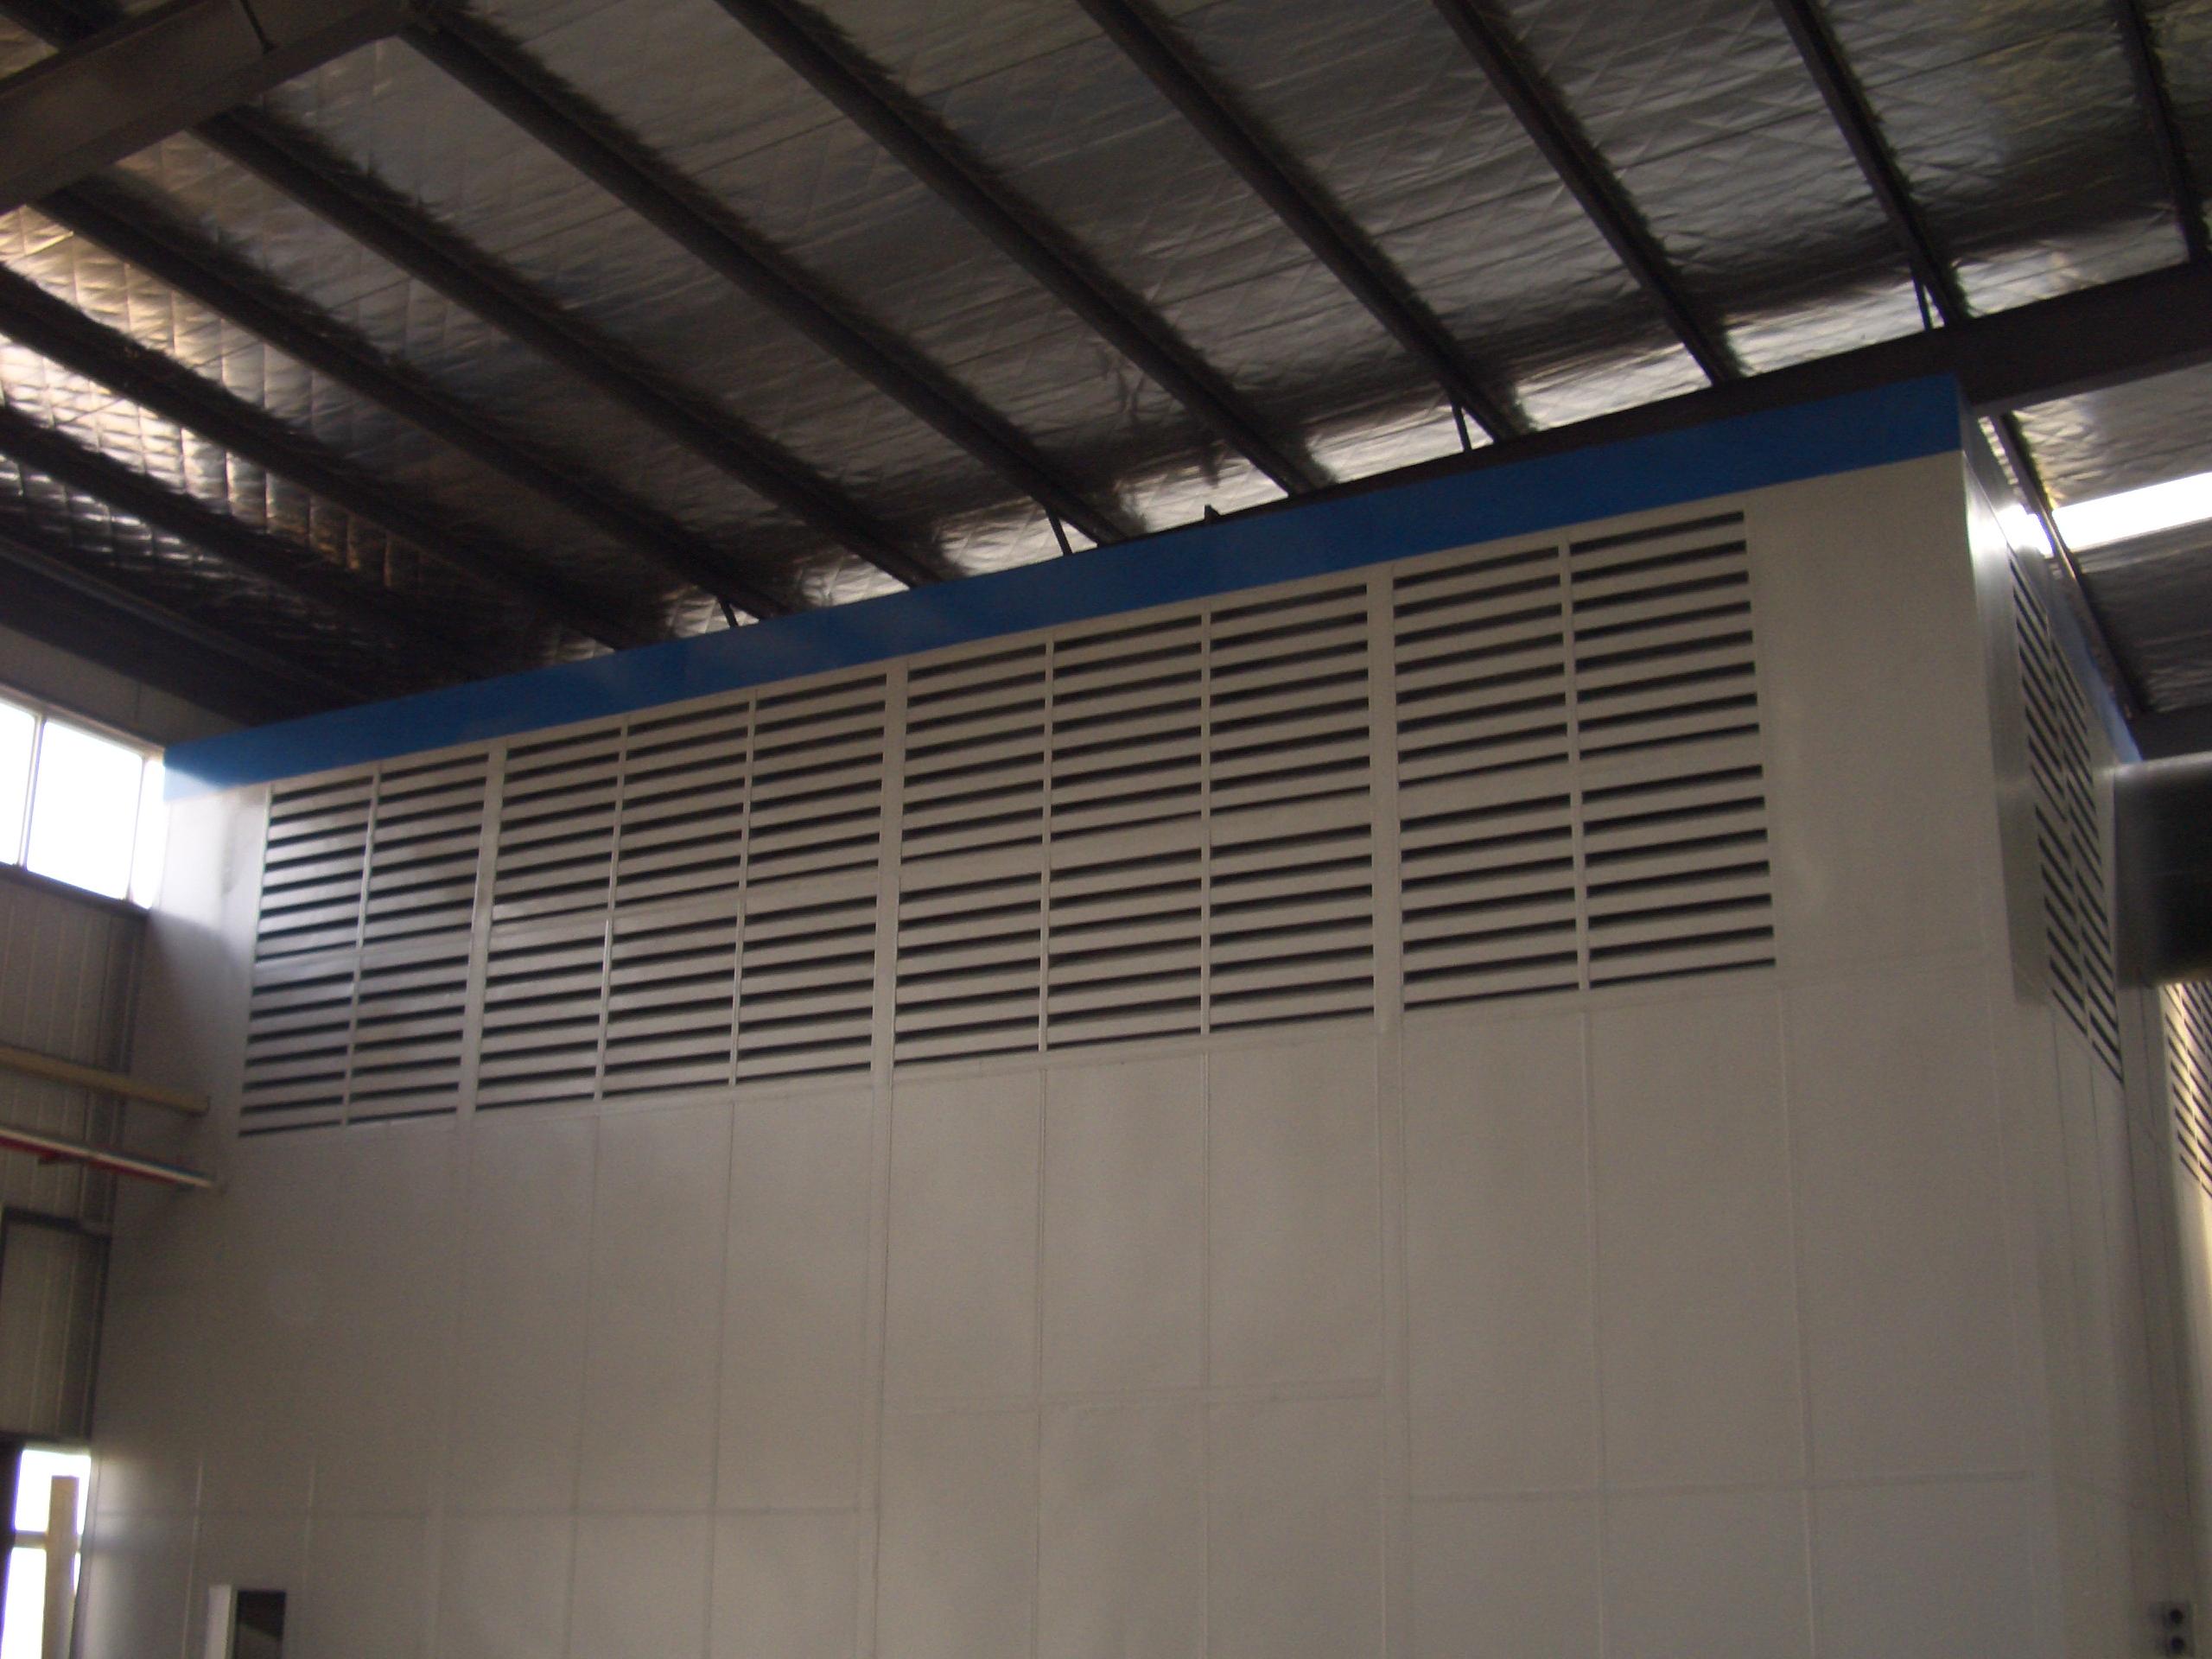 柴油发电机房噪音治理 柴油发电机房噪音治理工程公司 各大企业柴油发电机房噪音治理方案